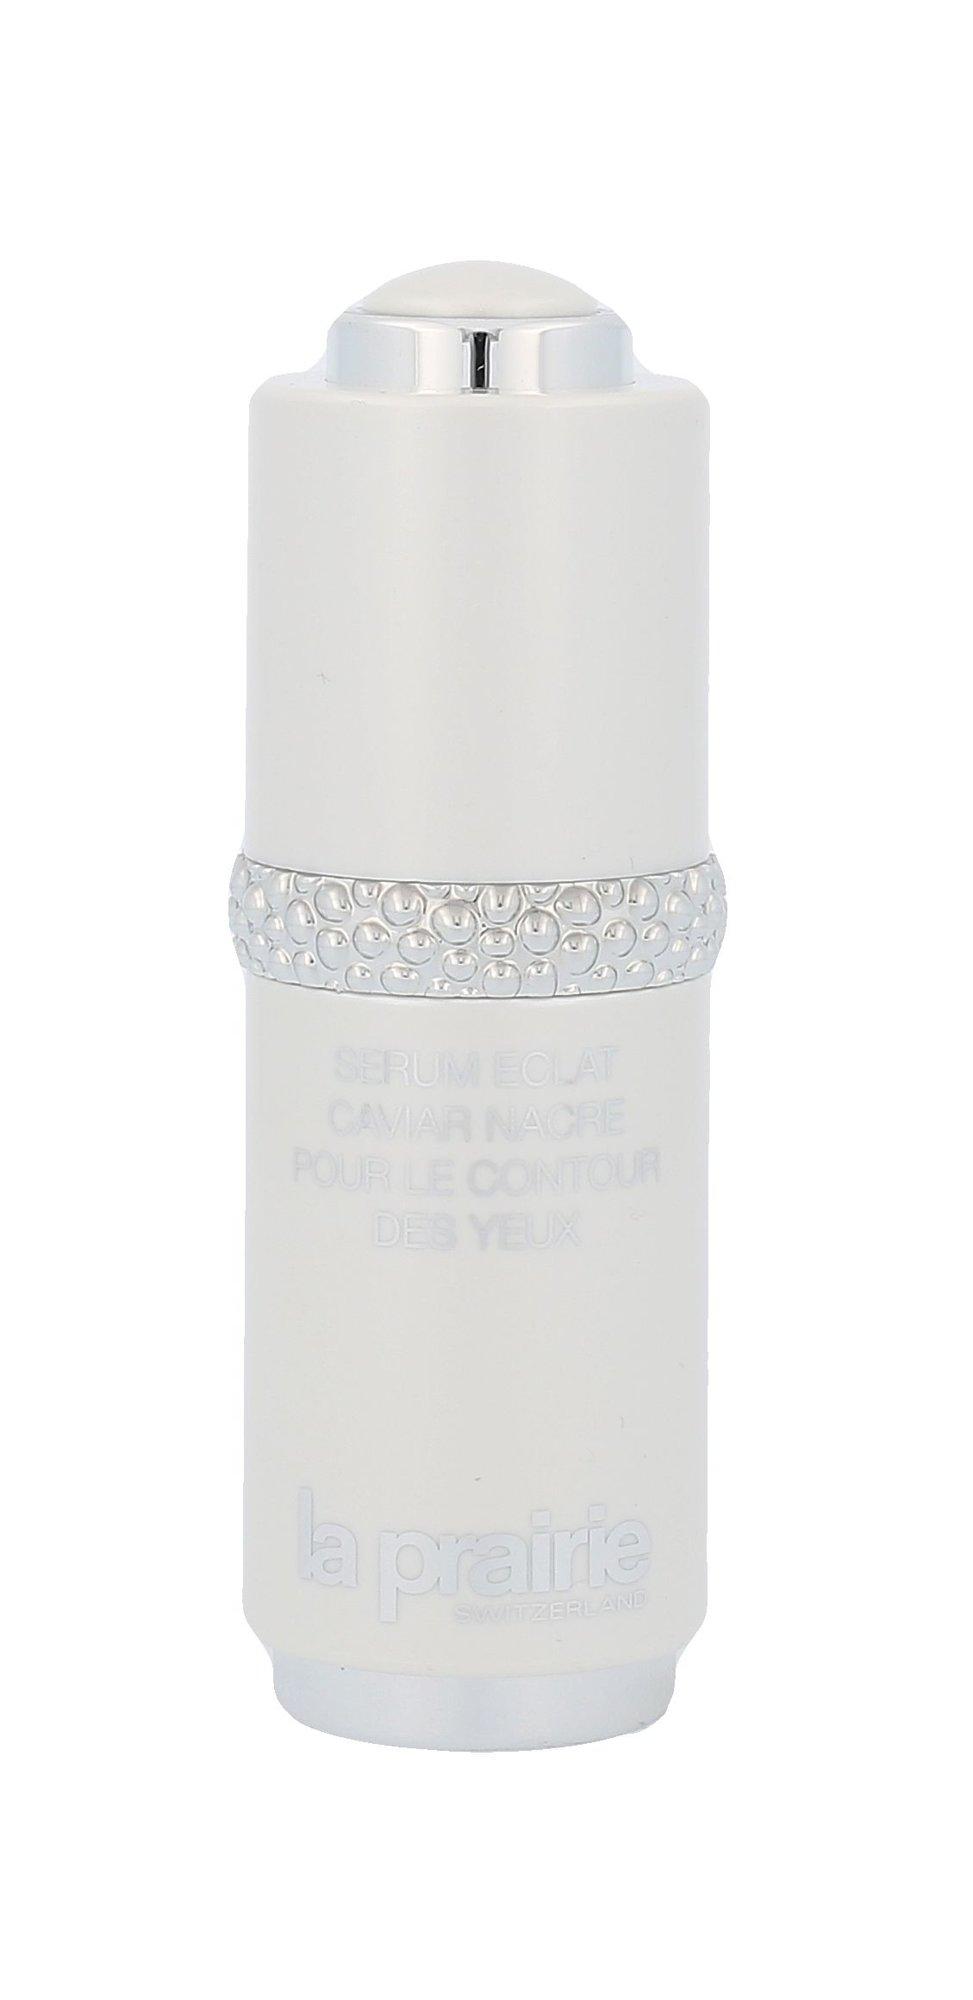 La Prairie White Caviar Illuminating Eye Serum Cosmetic 15ml